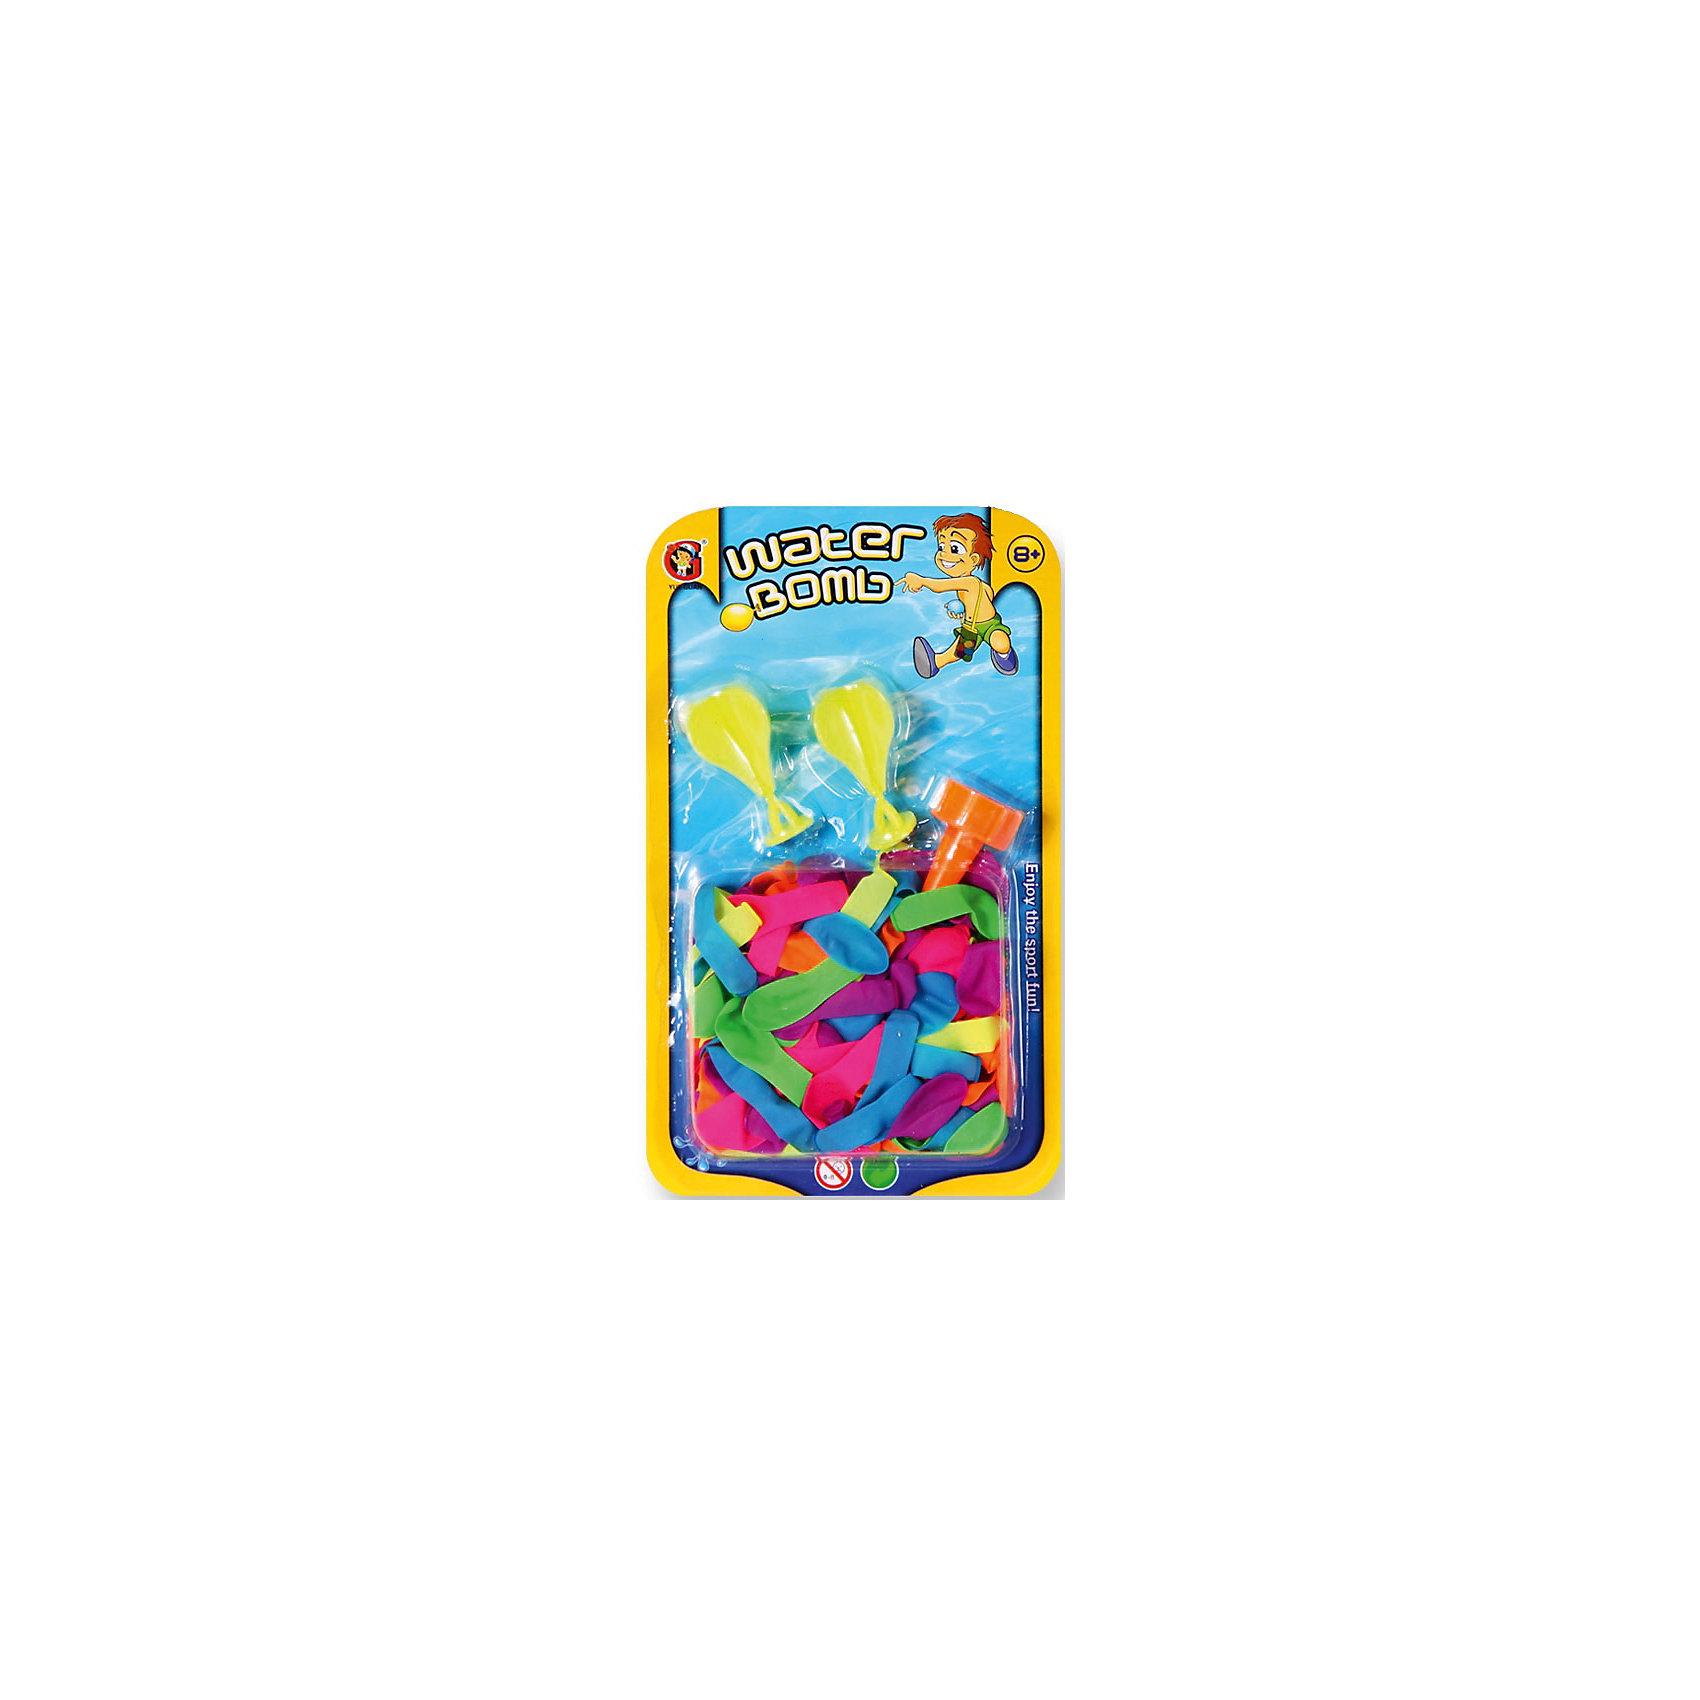 Детская игра Водяные бомбочки (шарики 150 шт., аксессуары), YG SportИгровые наборы<br>Детская игра Водяные бомбочки, YG Sport - станет отличным развлечением в жаркие летние дни. В комплект входят разноцветные шарики и аксессуары-воронки. Все предметы выполнены в ярких красочных цветах. Чтобы начать водное сражение, наполните шарики водой, используя воронки, крепко завяжите концы и запускайте друг в друга. Игры с водой не только подарят отличное настроение всем участникам, но и помогут освежиться жарким летним днём! Игрушки изготовлены из качественного и гипоаллергенного материала, абсолютно безопасного для детского здоровья. Развивает меткость, ловкость, внимательность и мелкую моторику.<br><br>Дополнительная информация:<br><br>- В комплекте: шарики - 150 шт., воронки.<br>- Материал: нетоксичный латекс, резина, пластик. <br>- Размер упаковки: 15 х 3,1 х 25 см.<br>- Вес: 72 гр.<br> <br>Детскую игру Водяные бомбочки, YG Sport, можно купить в нашем интернет-магазине.<br><br>Ширина мм: 150<br>Глубина мм: 31<br>Высота мм: 250<br>Вес г: 72<br>Возраст от месяцев: 96<br>Возраст до месяцев: 1188<br>Пол: Унисекс<br>Возраст: Детский<br>SKU: 4622225